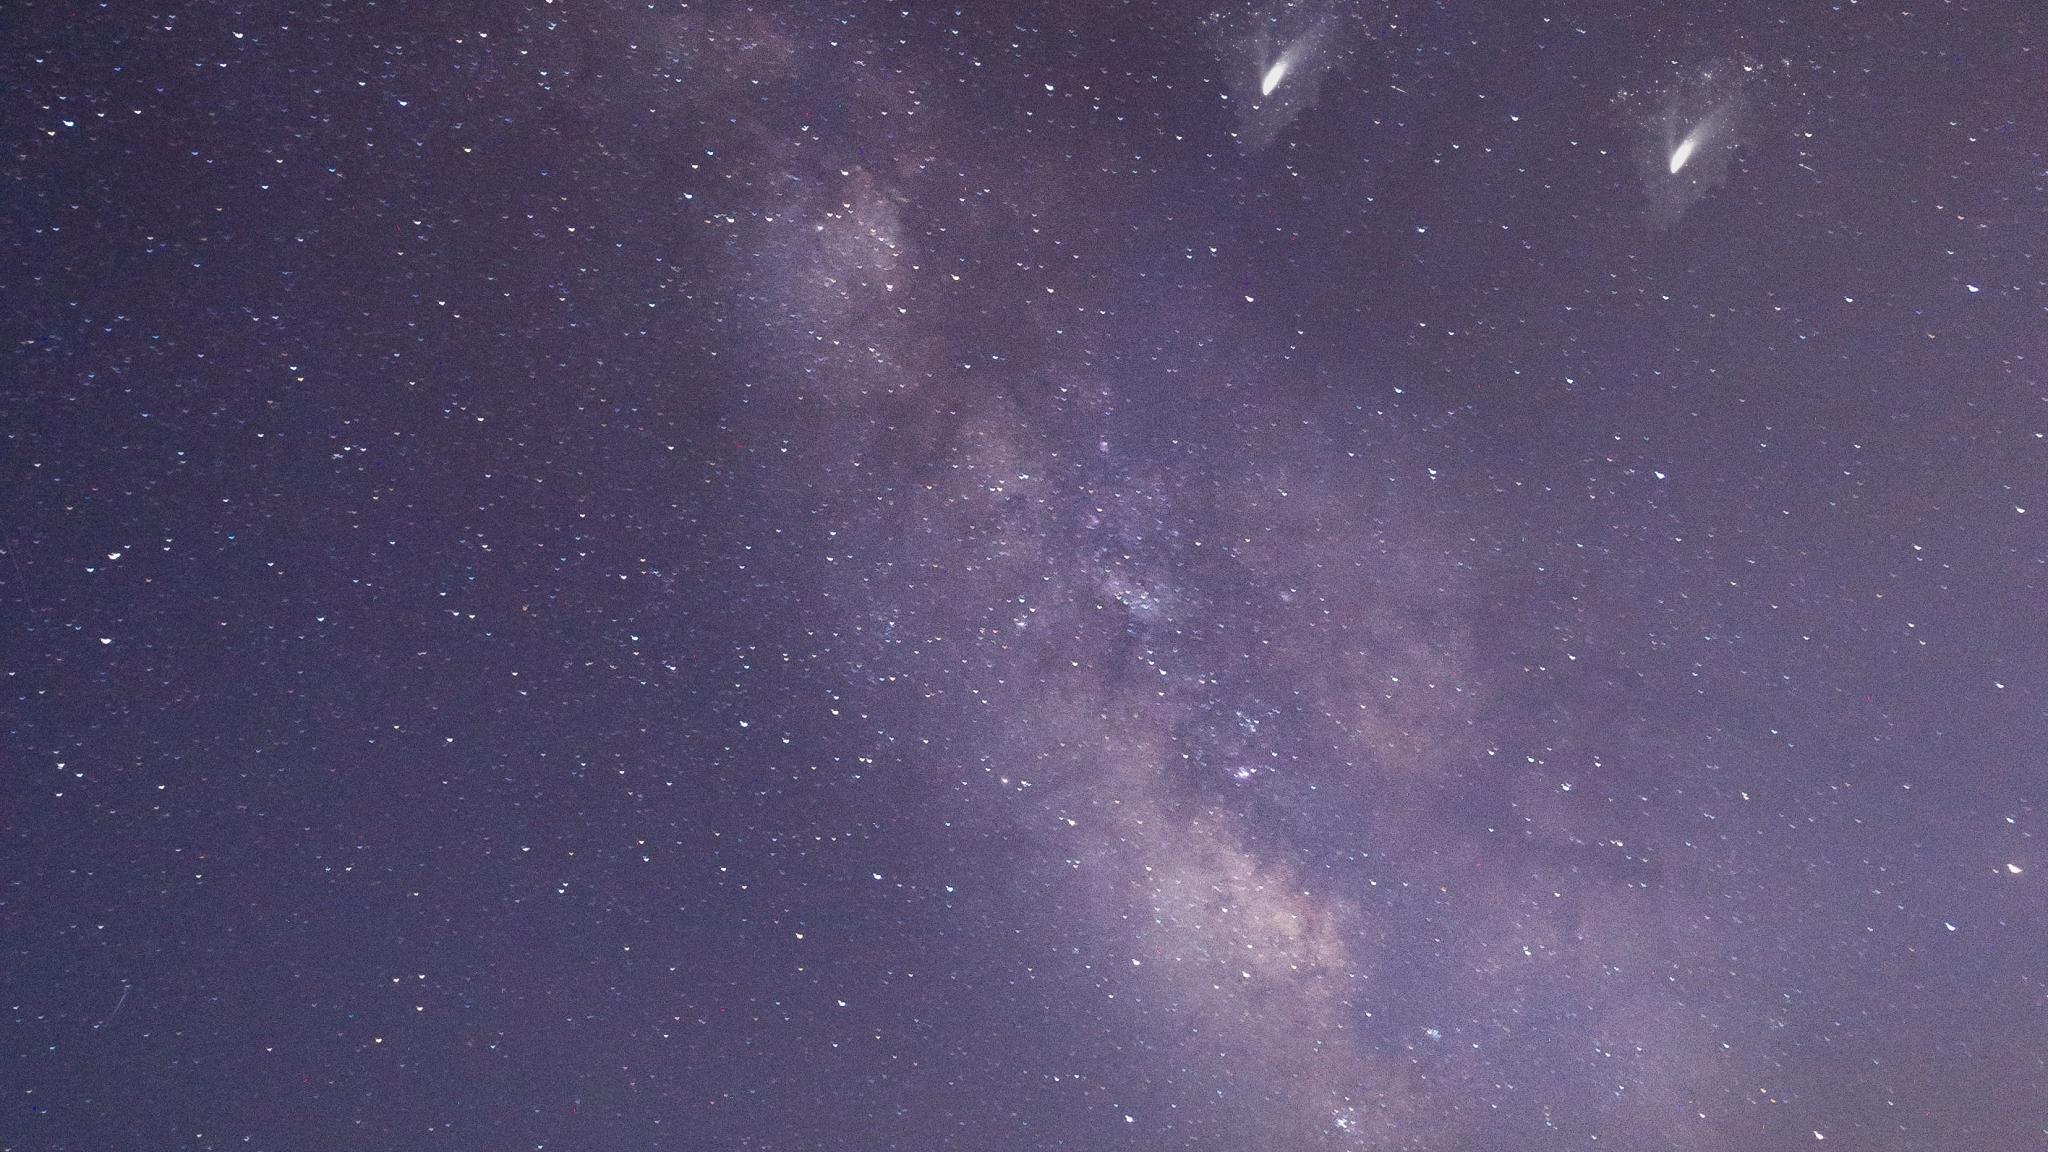 Milky way, desert, night, sky, 2048x1152 wallpaper